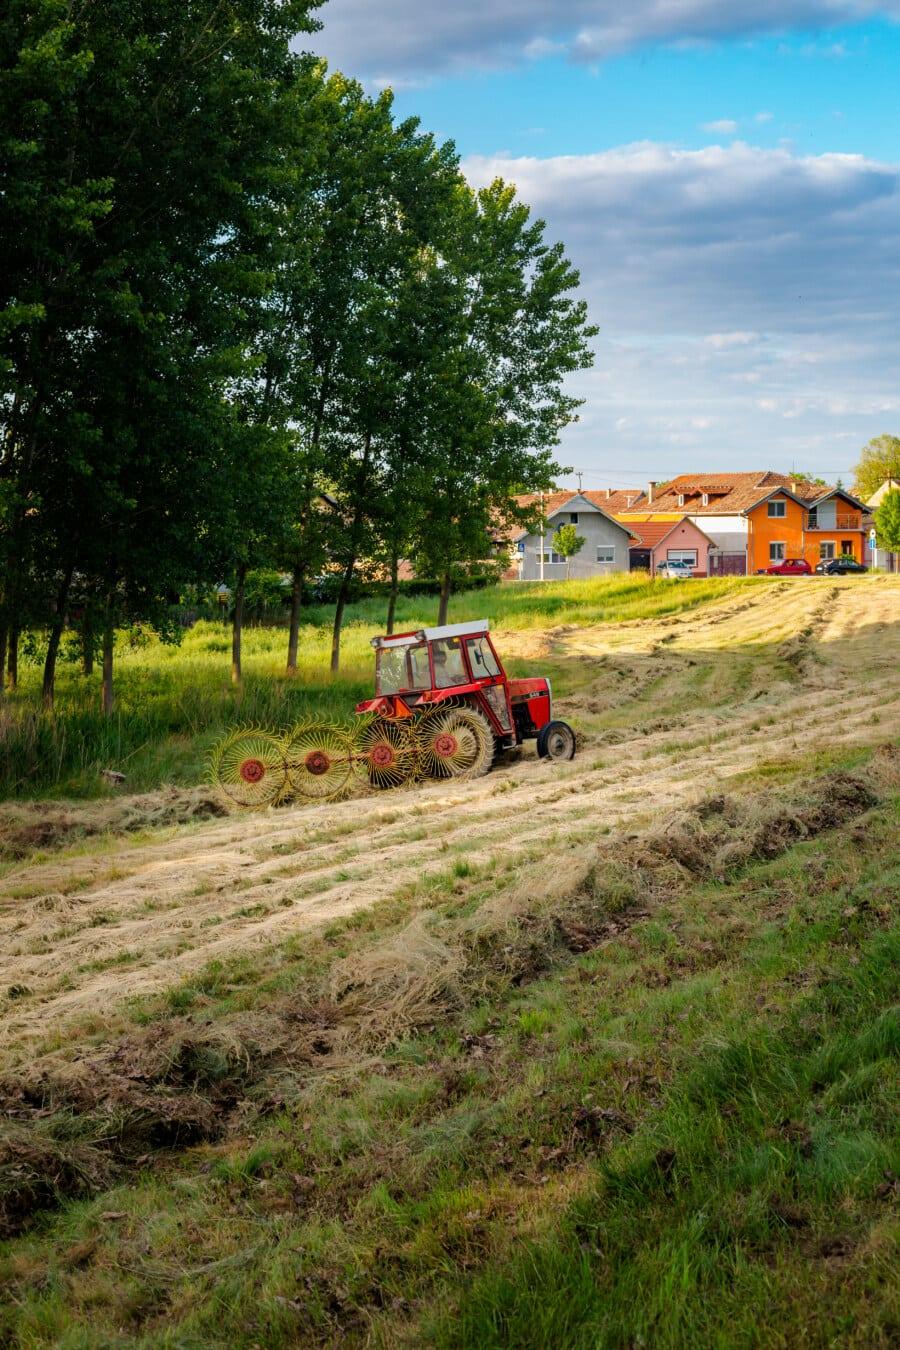 Workman, tracteur, Hay, fenaison, Agriculture, rural, outil, ferme, machine, domaine